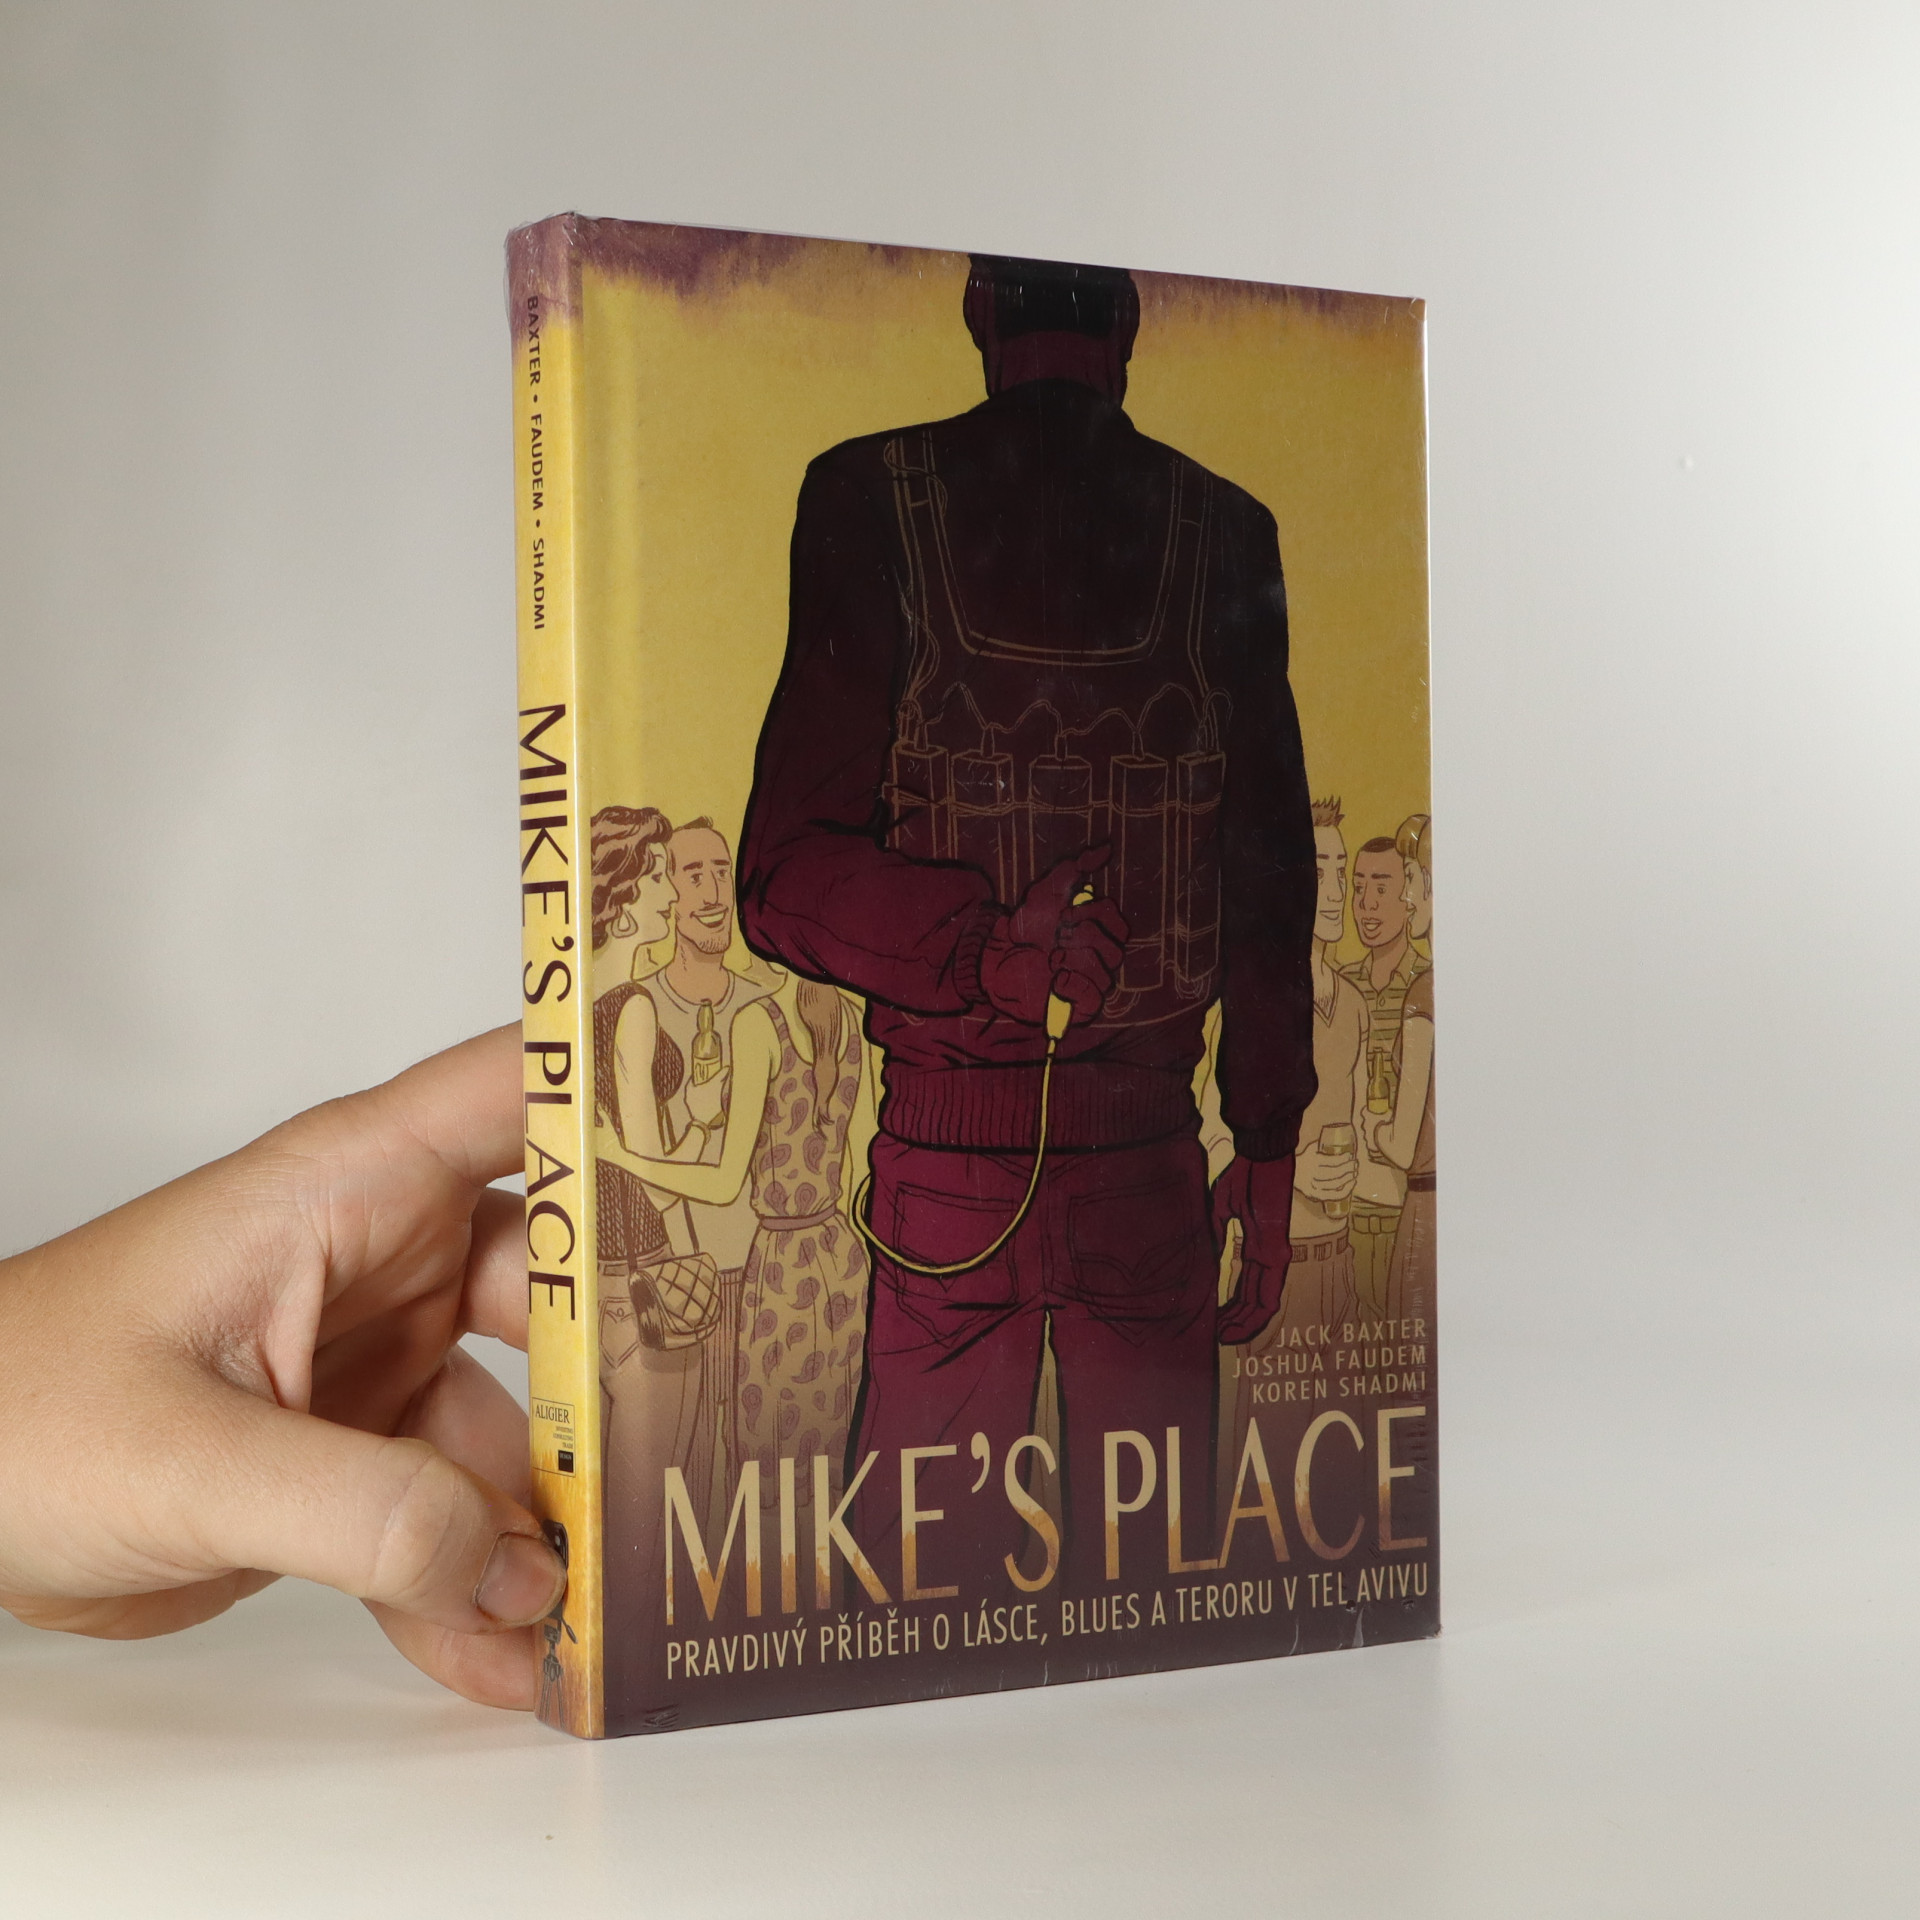 antikvární kniha Mike's place. Pravdivý příběh o lásce, blues a teroru v Tel Avivu, 2015